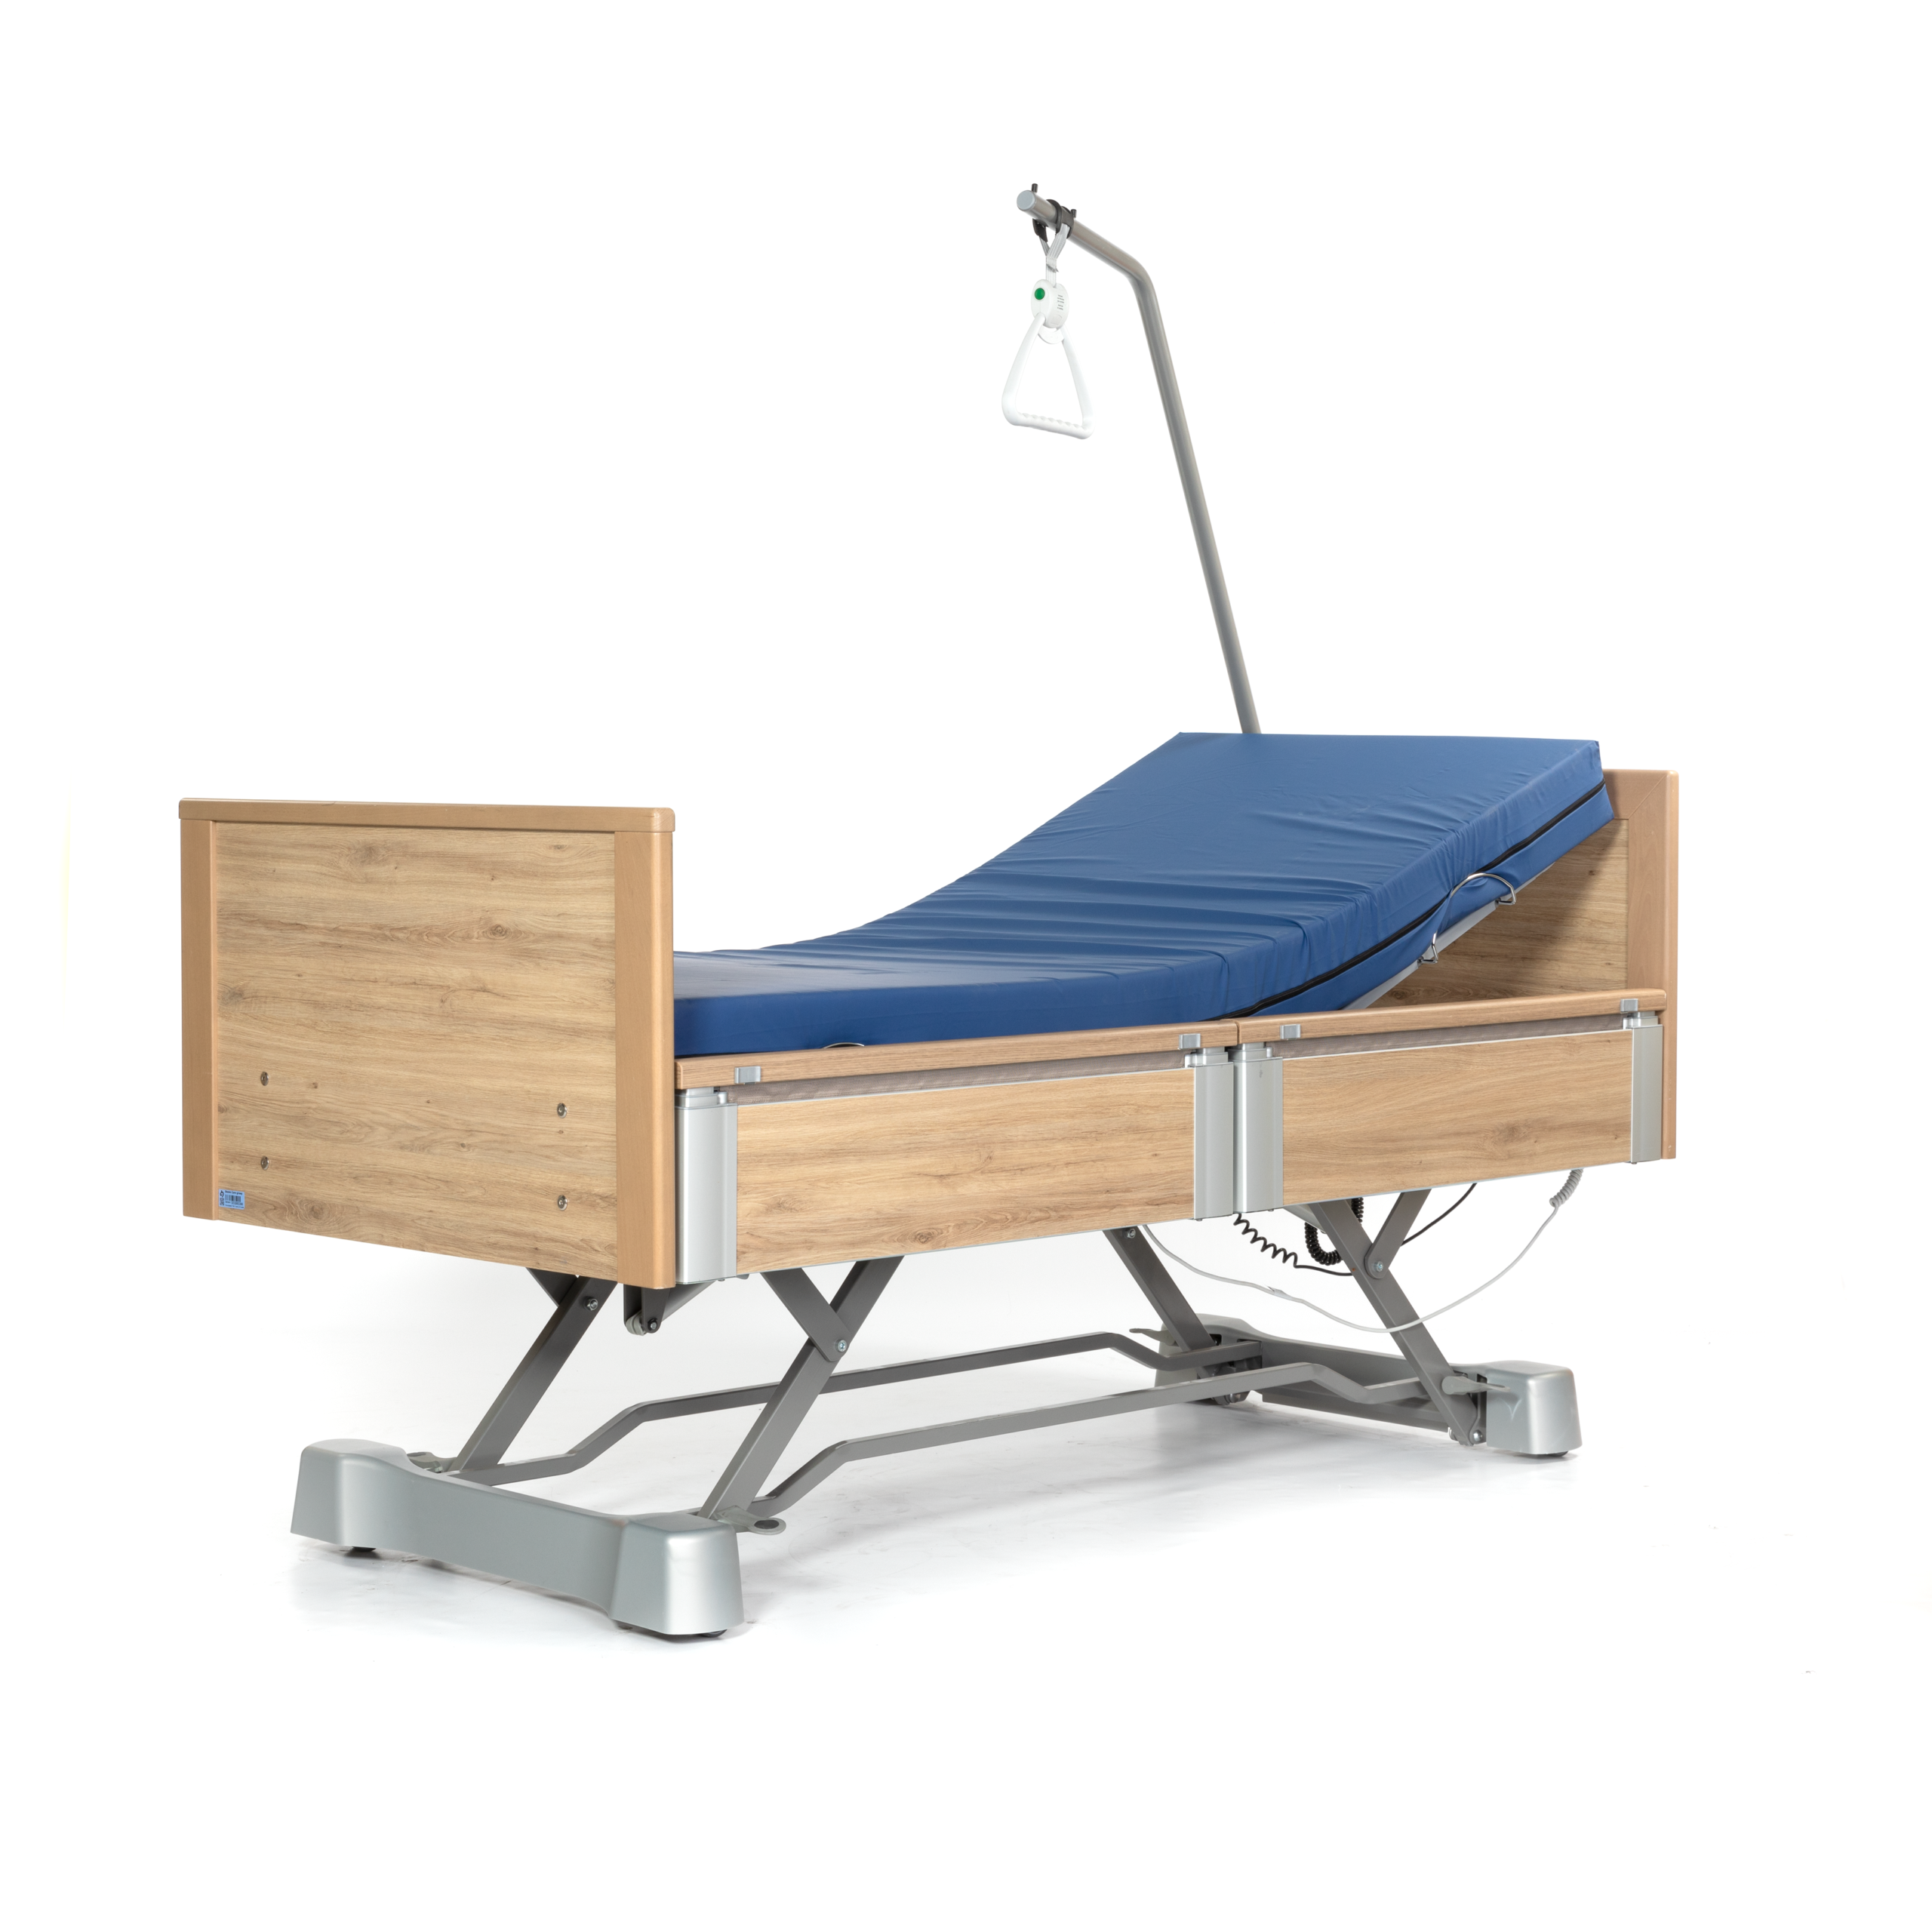 Verpleegbed hoog/laag bed Formidabel